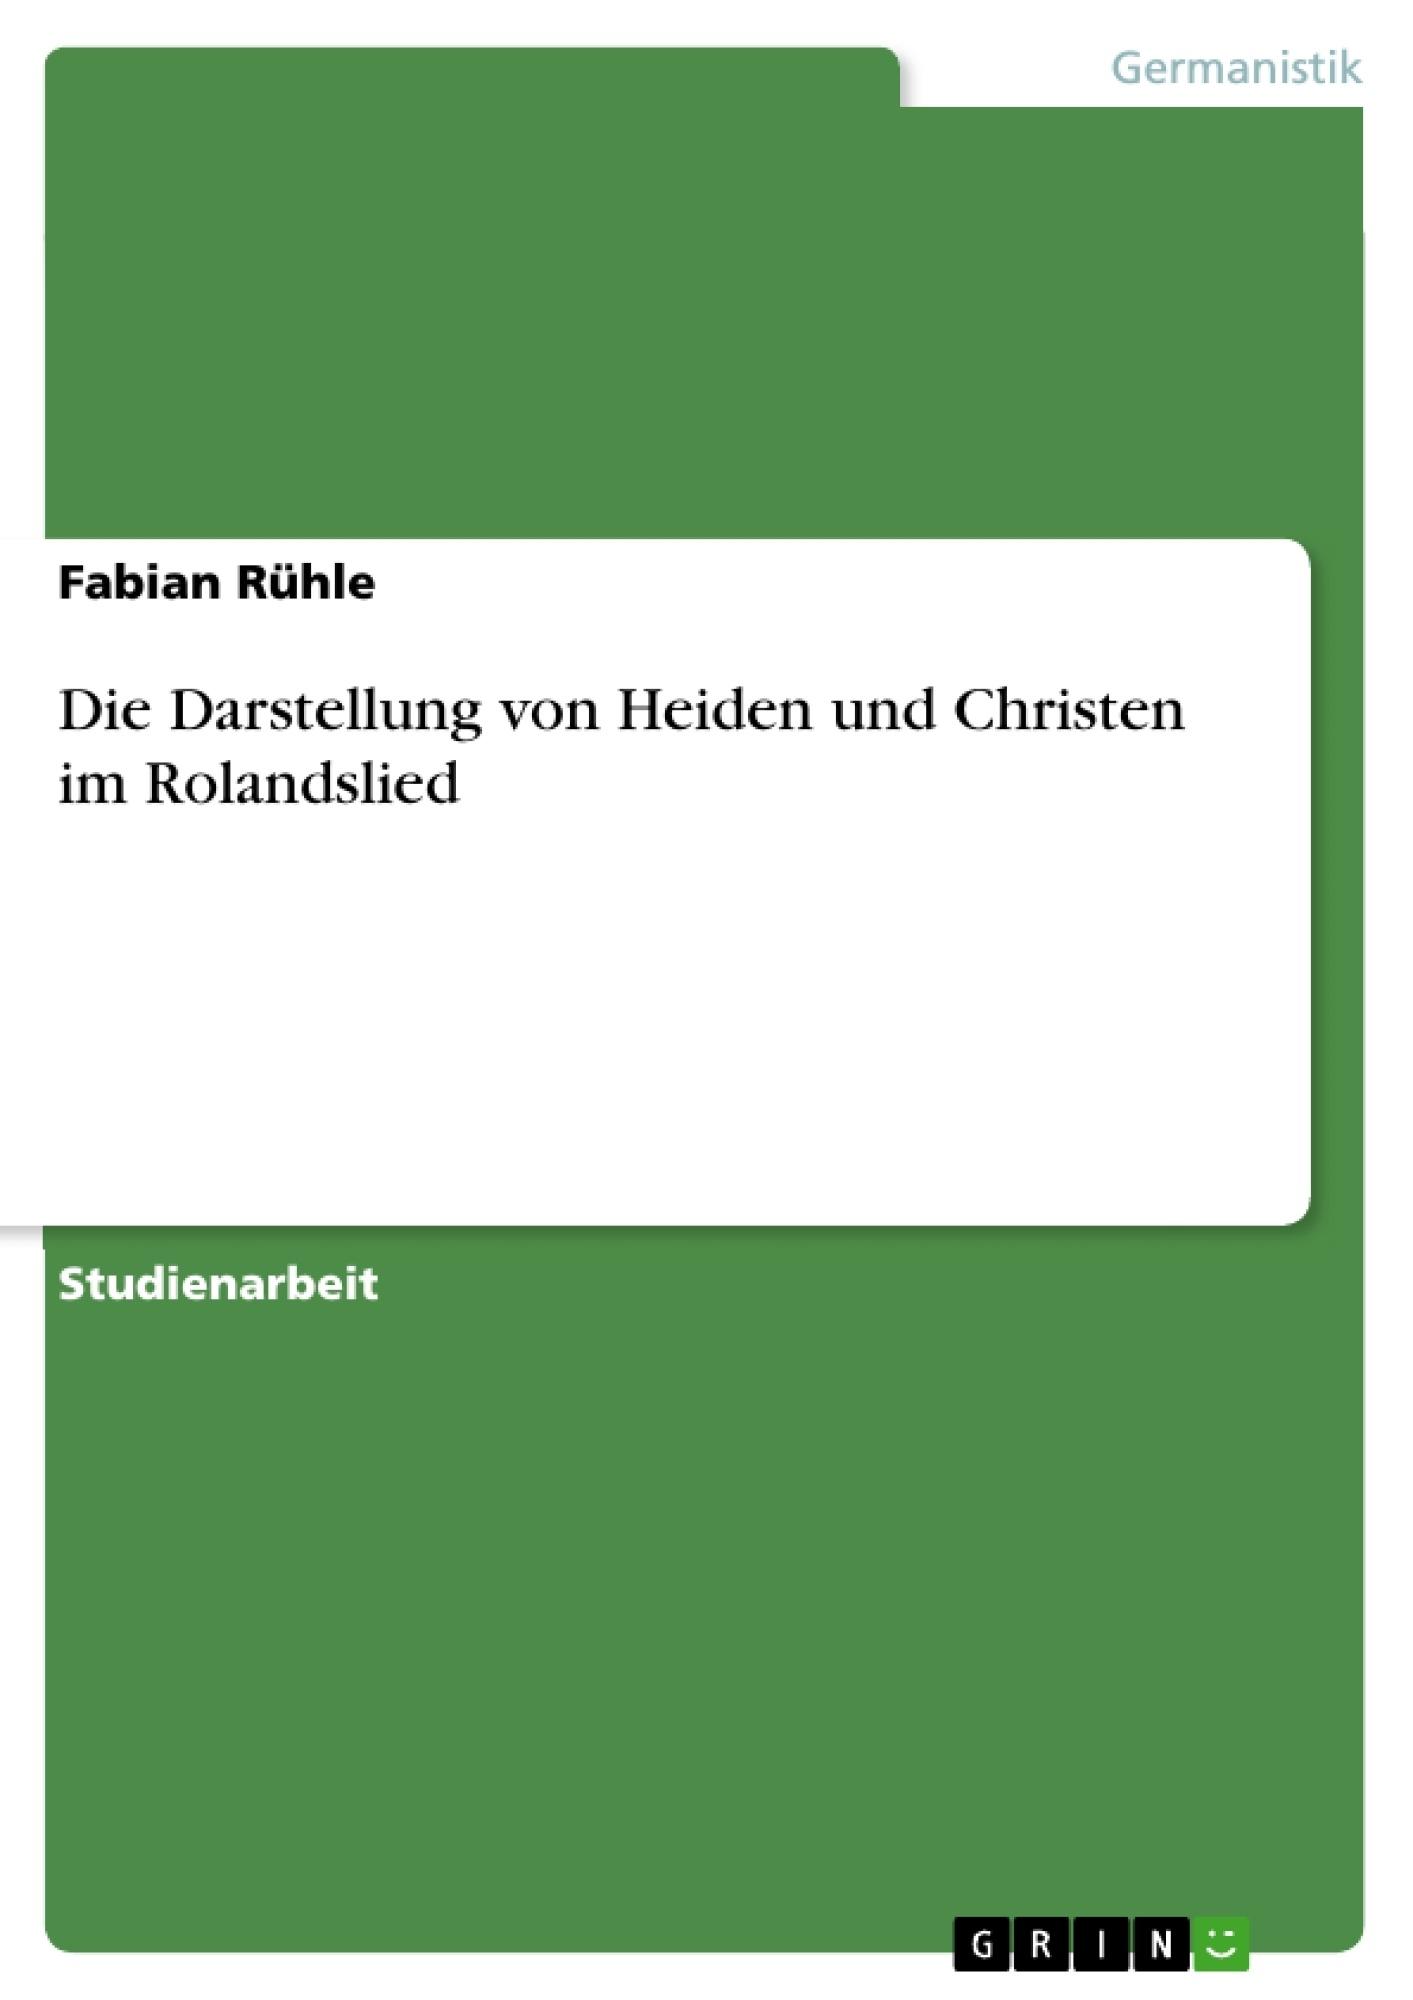 Titel: Die Darstellung von Heiden und Christen im  Rolandslied